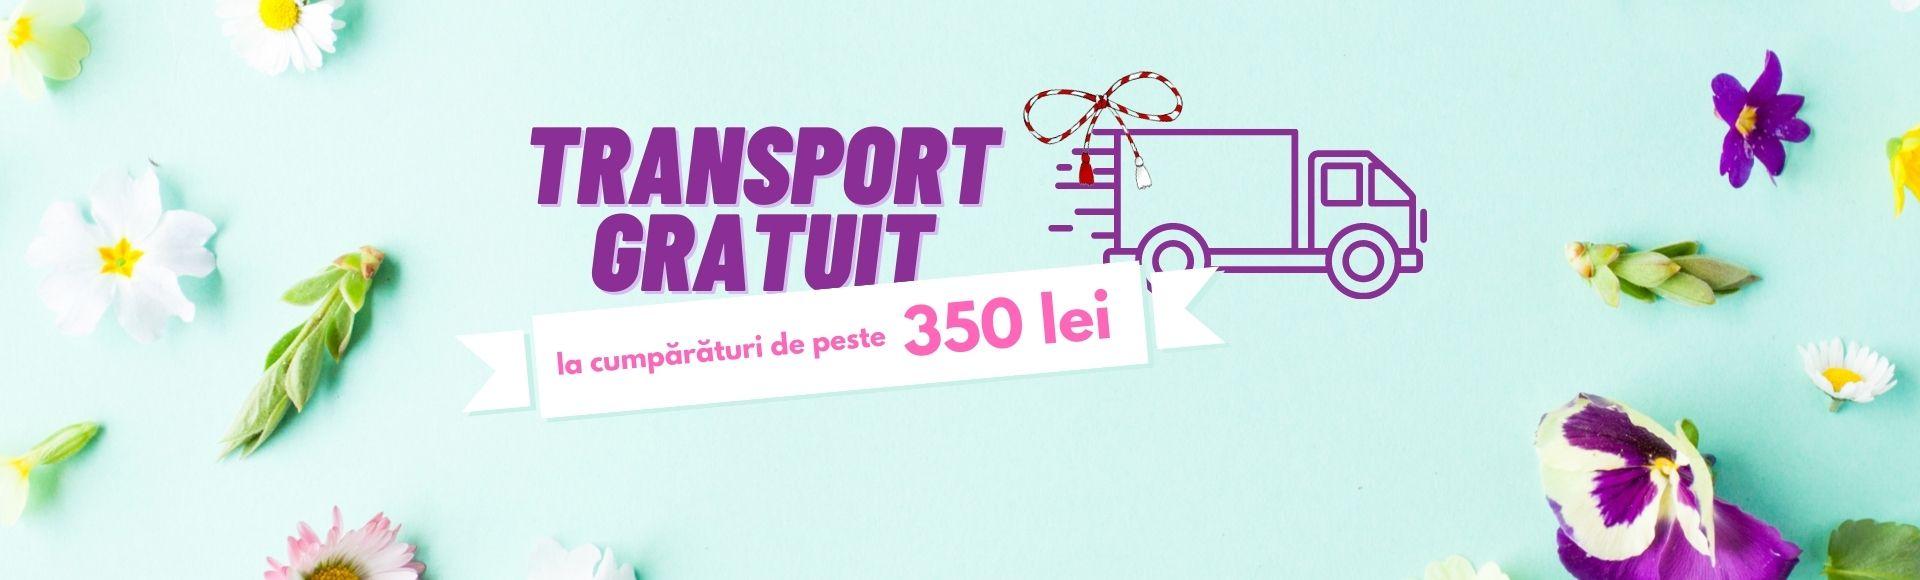 wargaming transport